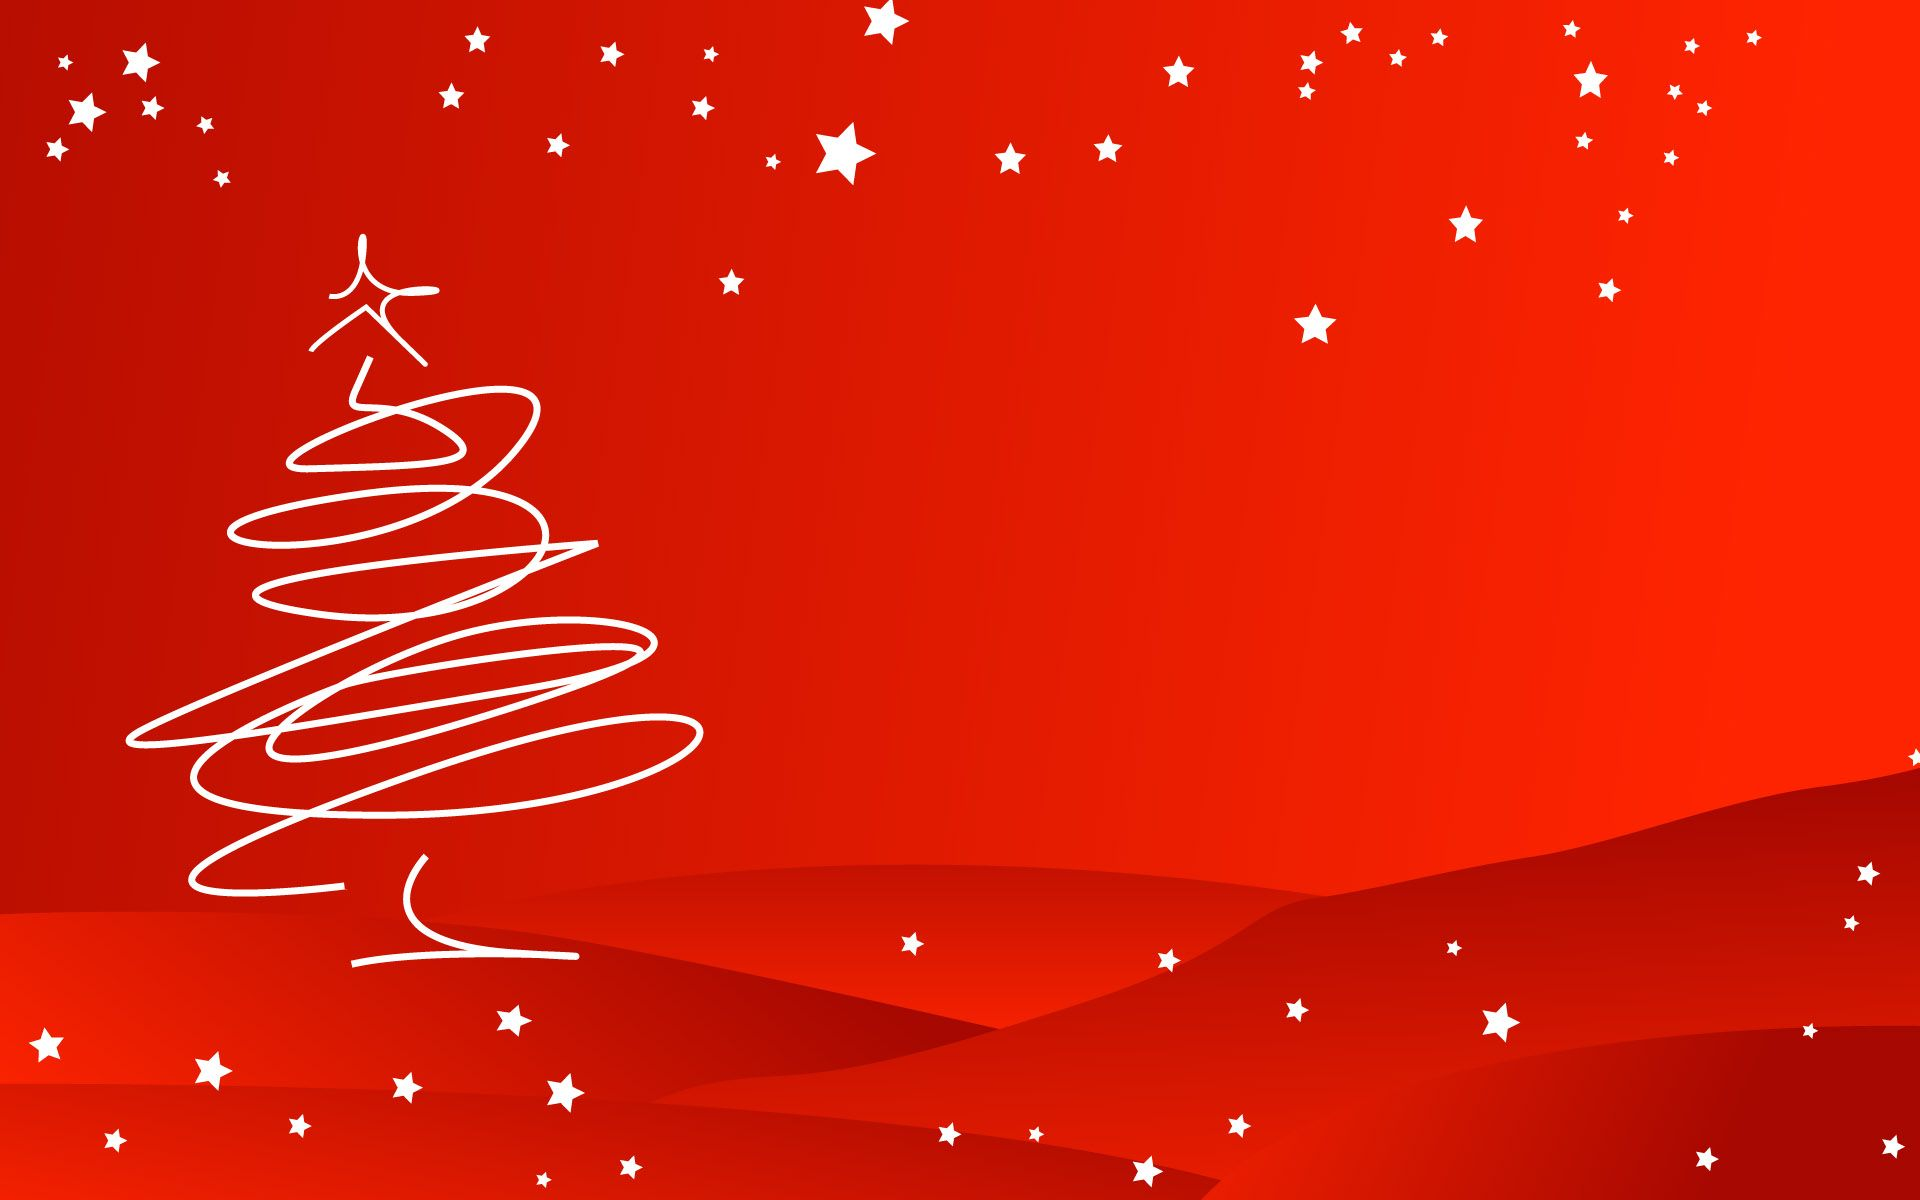 Fondo rojo con arbol de navidad hd 1920x1200 imagenes - Arbol de navidad diseno ...